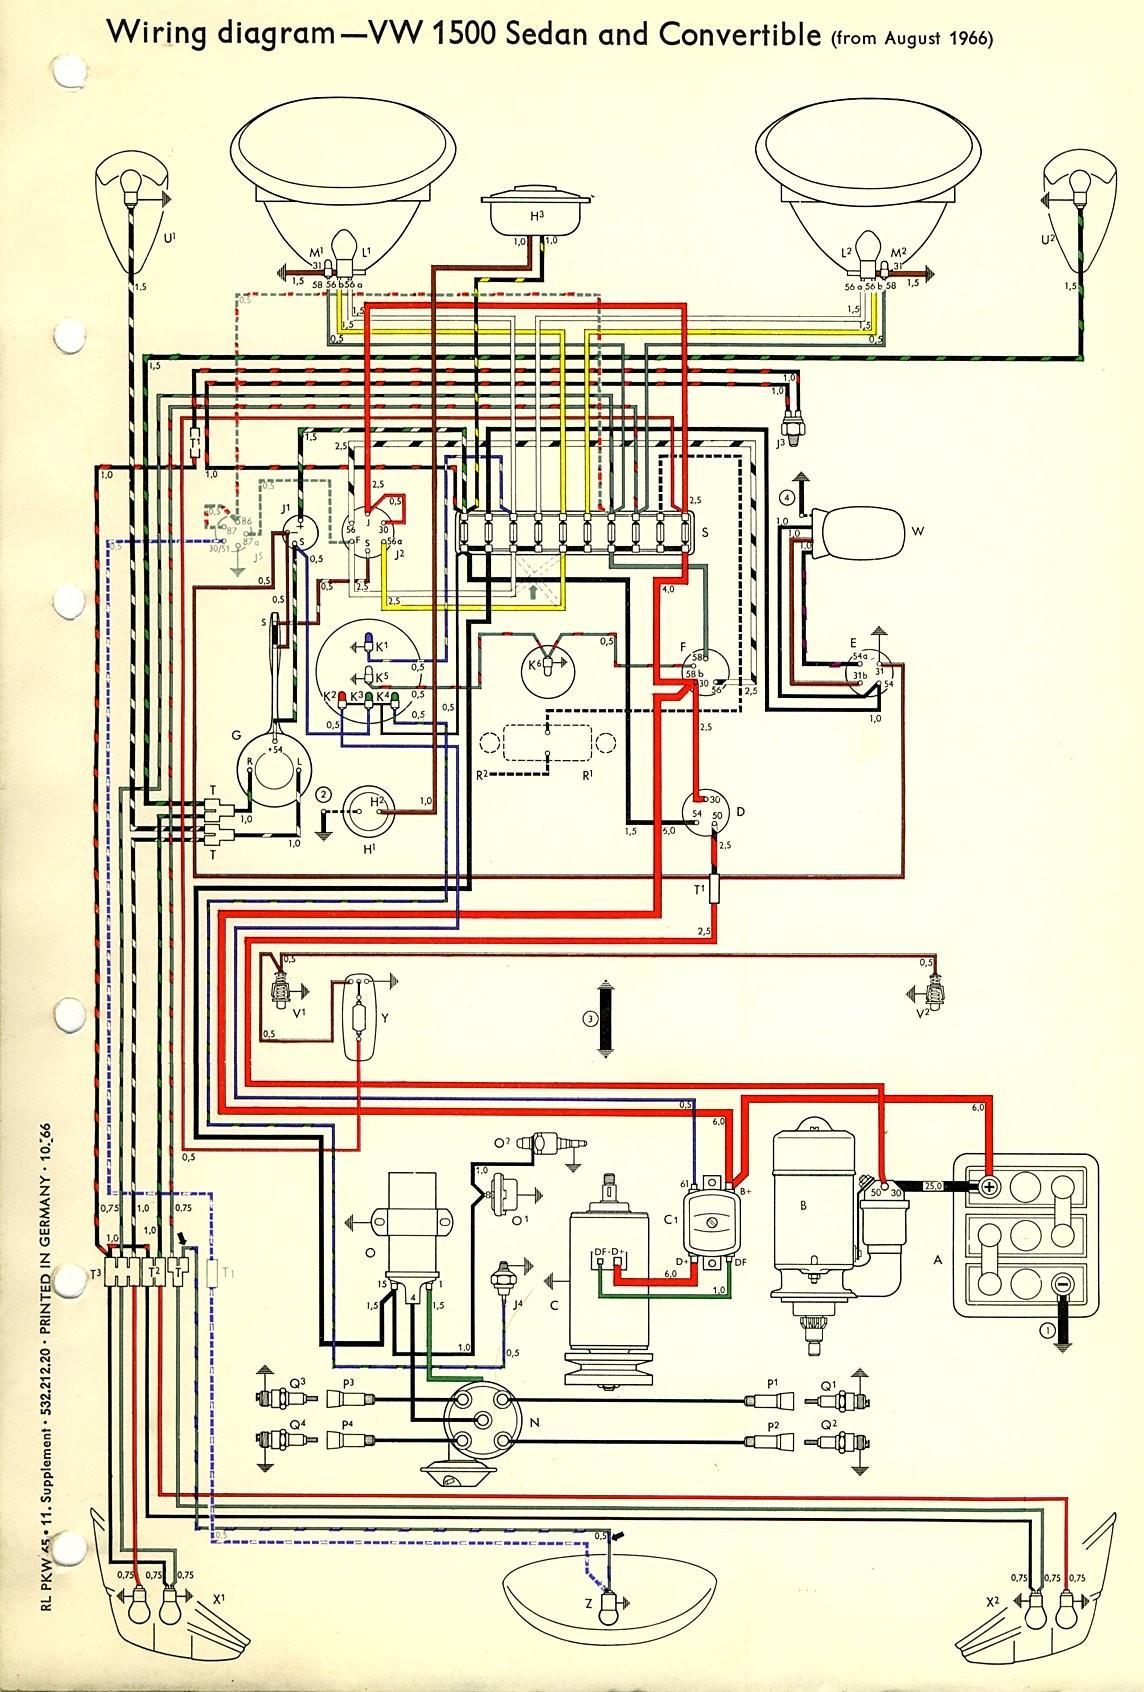 1968 Firebird Wiring Diagram 1973 Vw Beetle Wiring Diagram Wiring Diagram Of 1968 Firebird Wiring Diagram